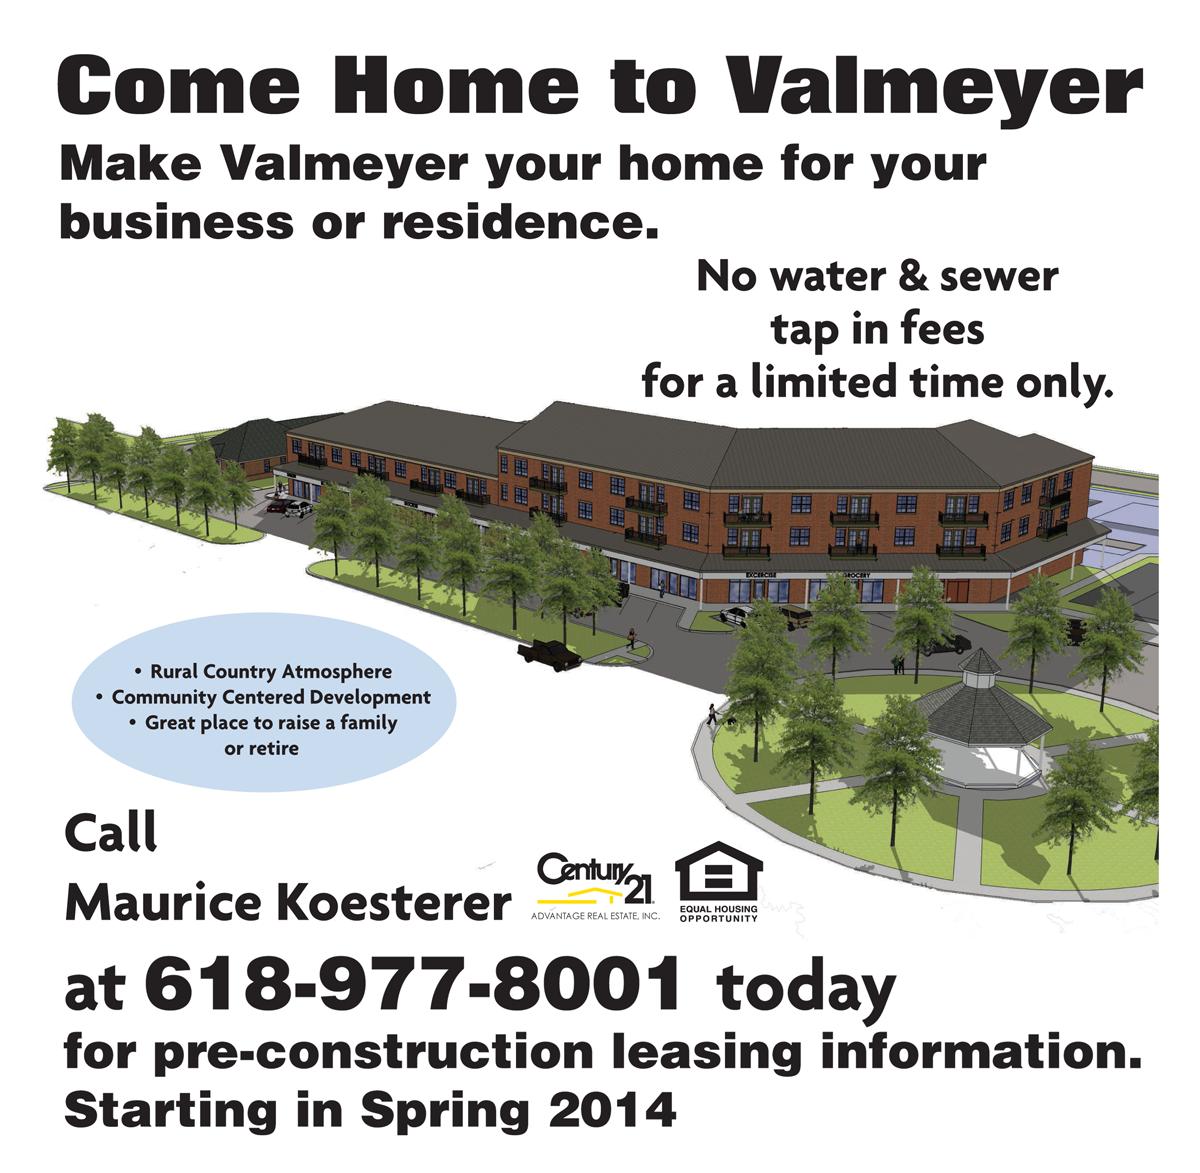 Come Home to Valmeyer